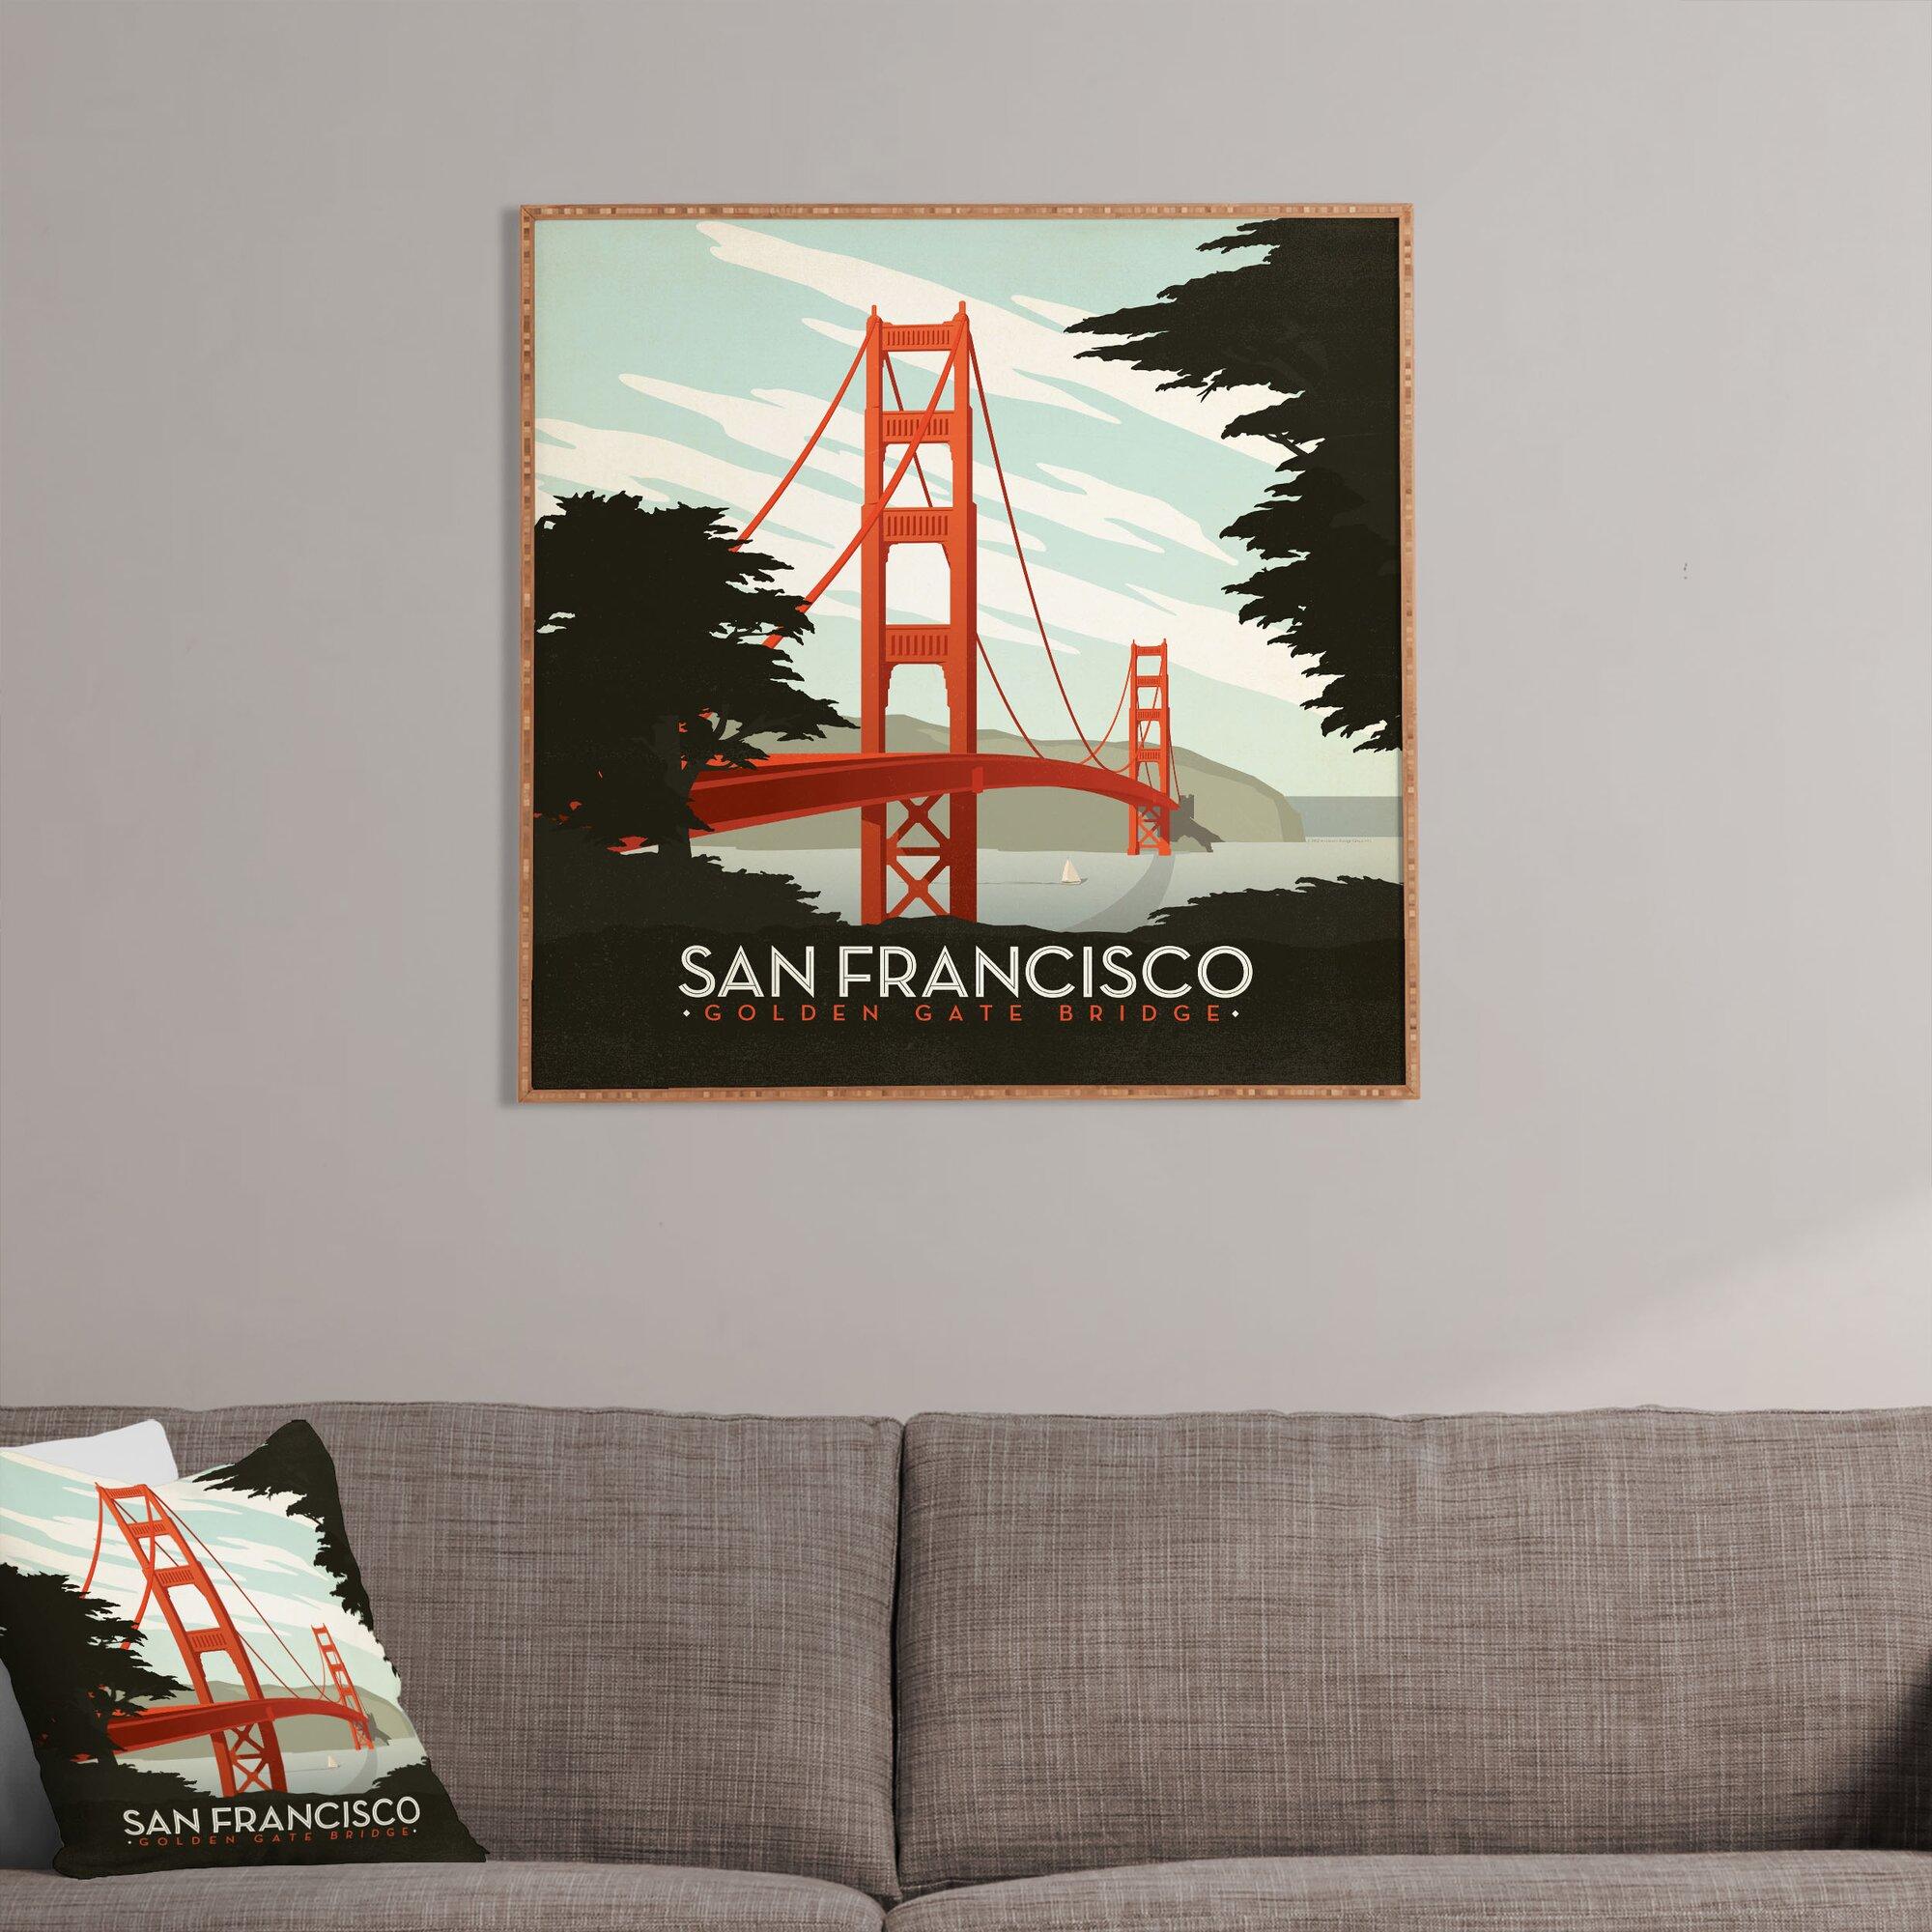 East Urban Home San Francisco Framed Vintage Advertisement Wayfair - Vintage furniture san francisco